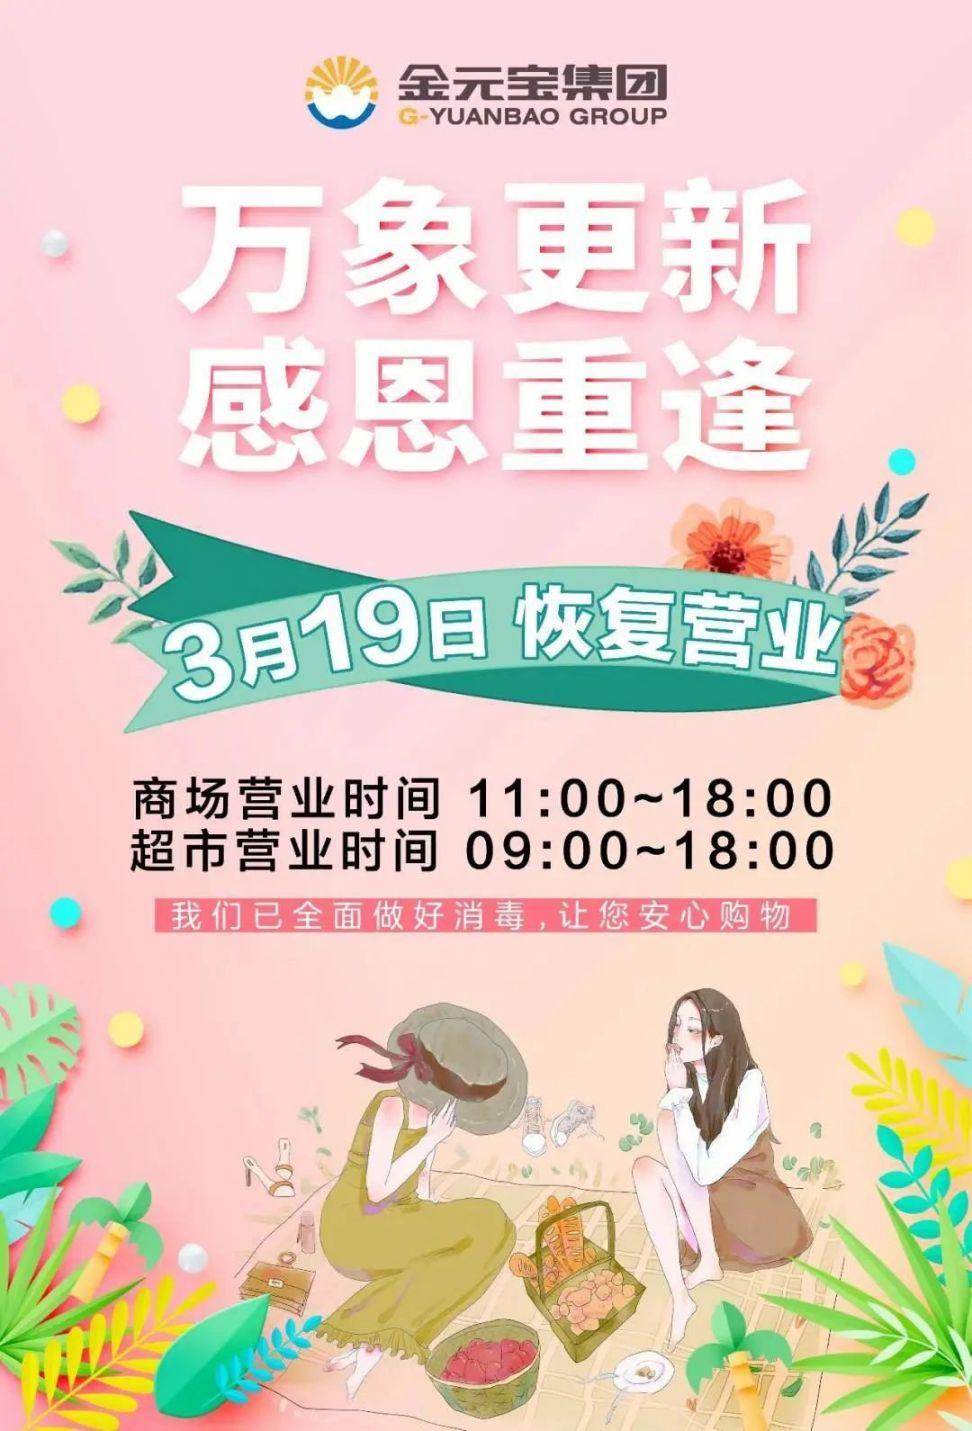 天津金元宝六大卖场恢复营业时间